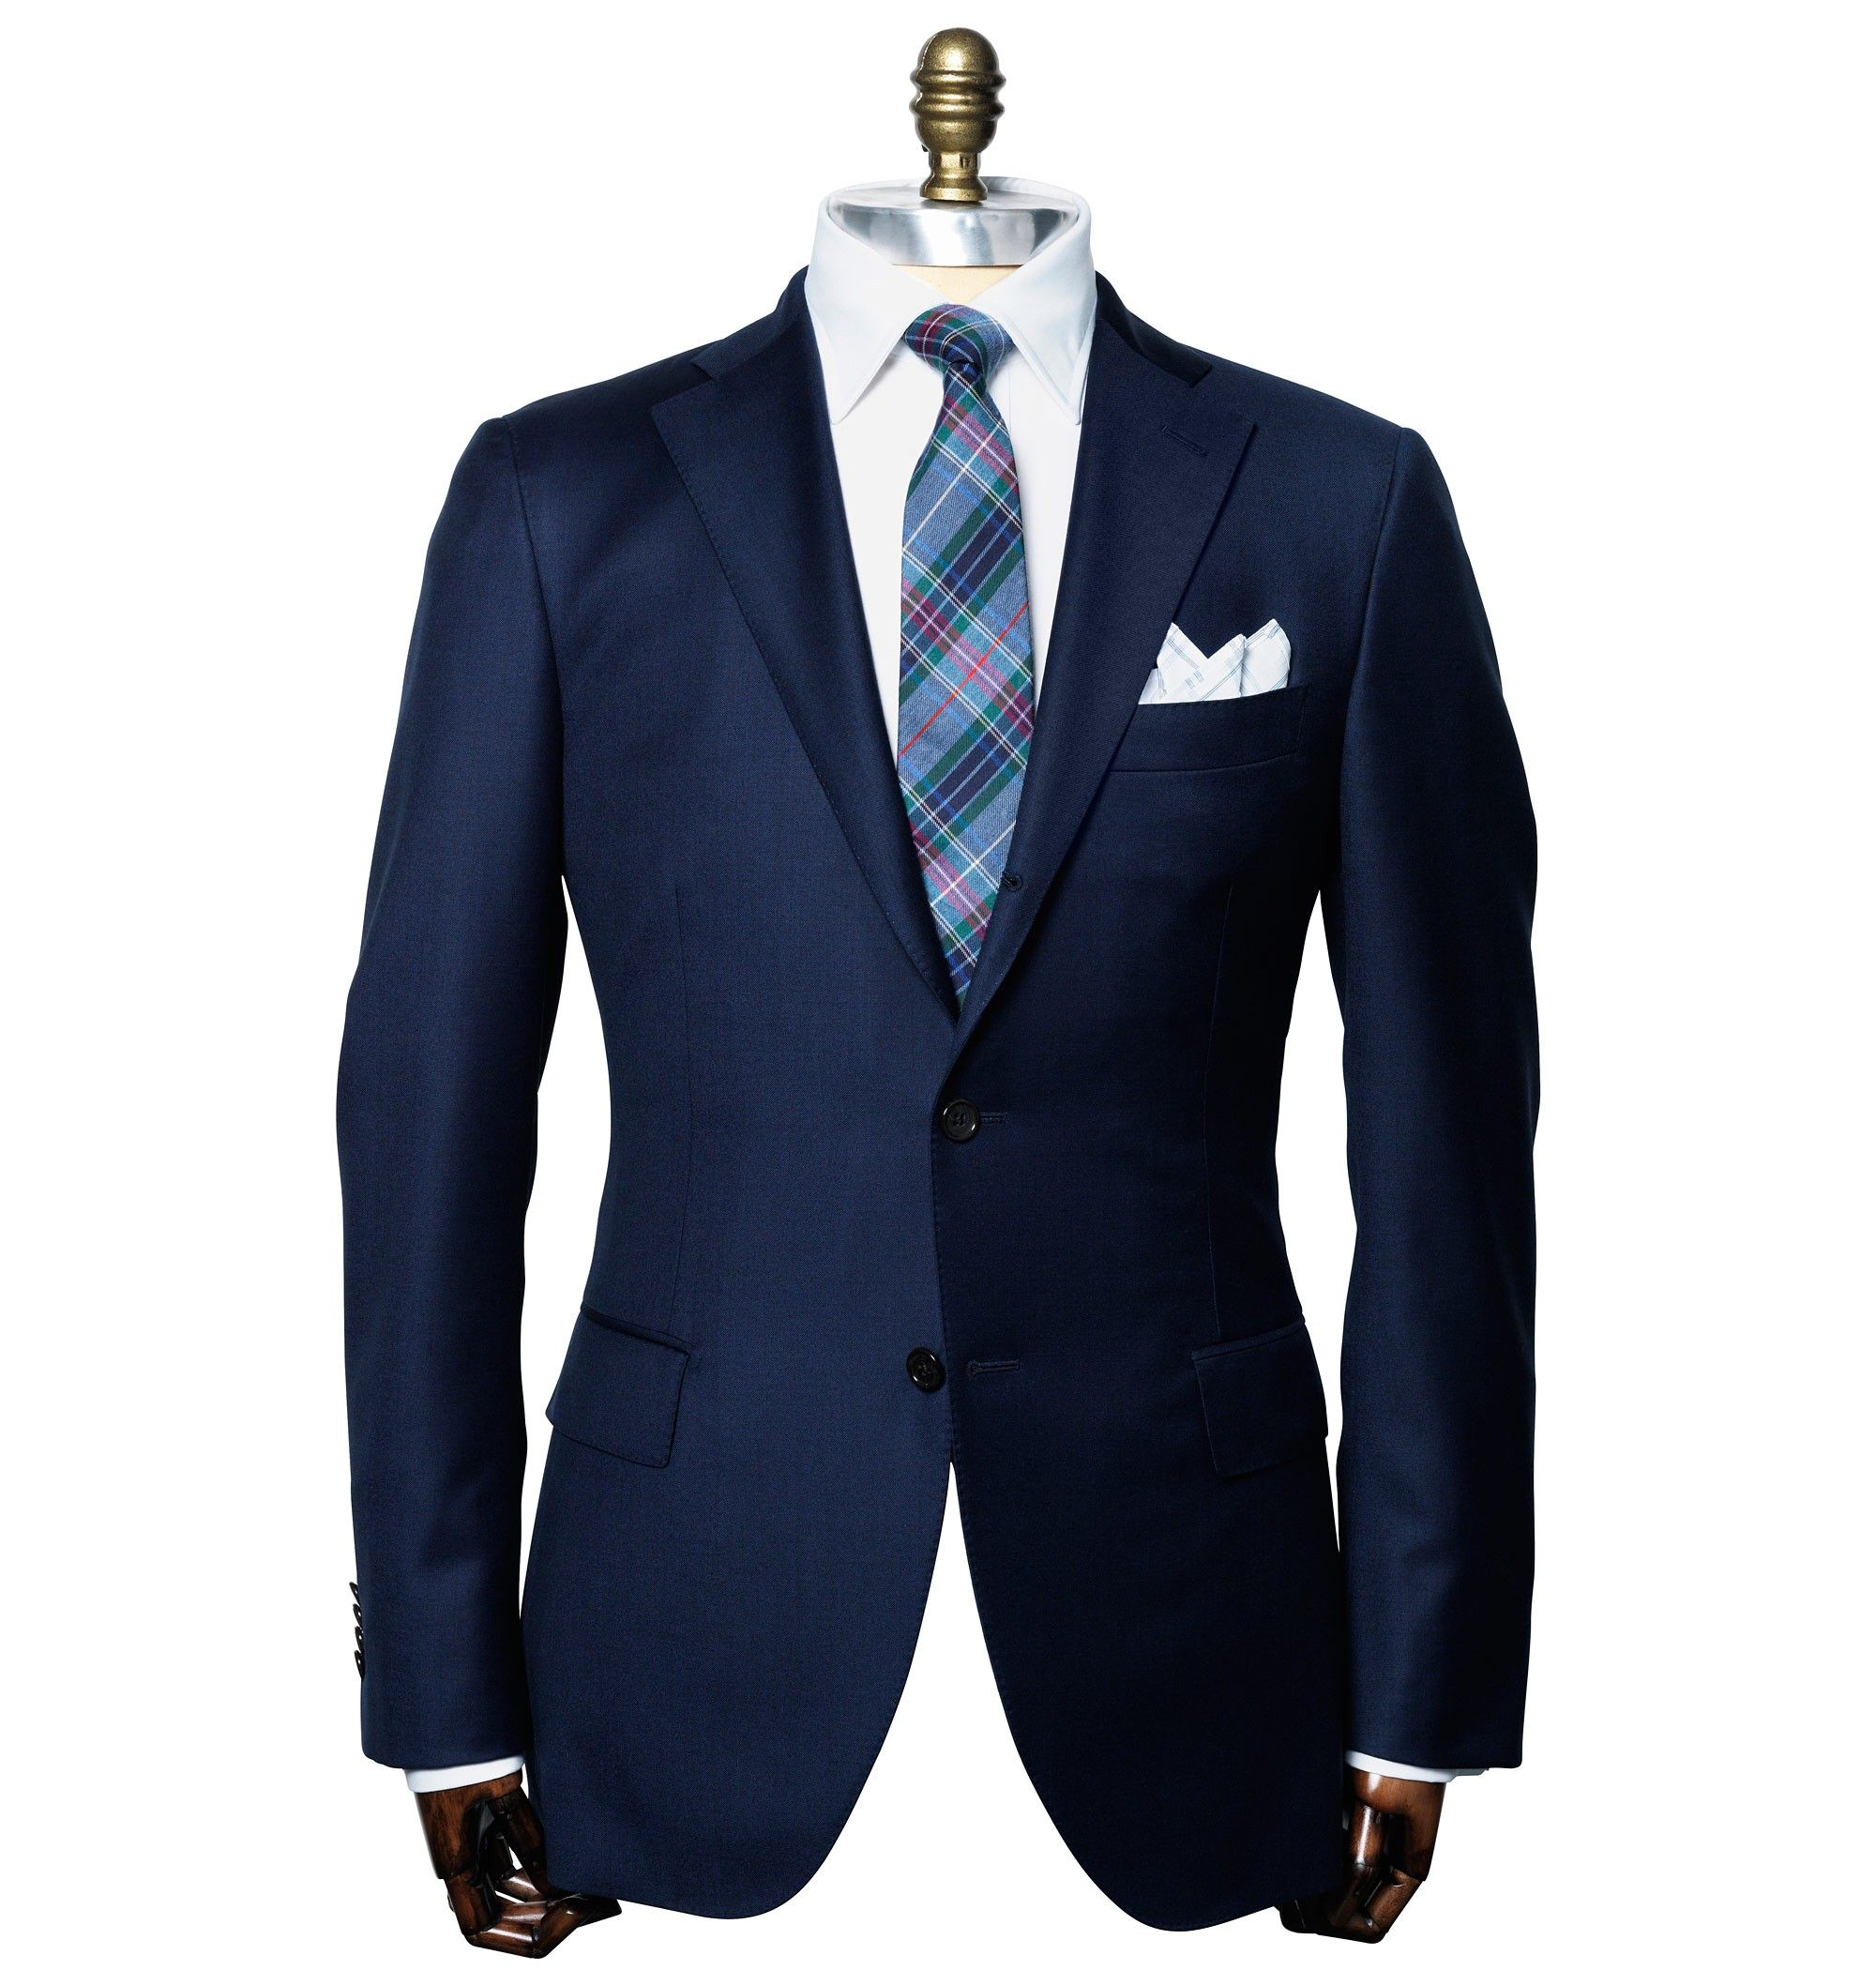 Chaqueta y corbata